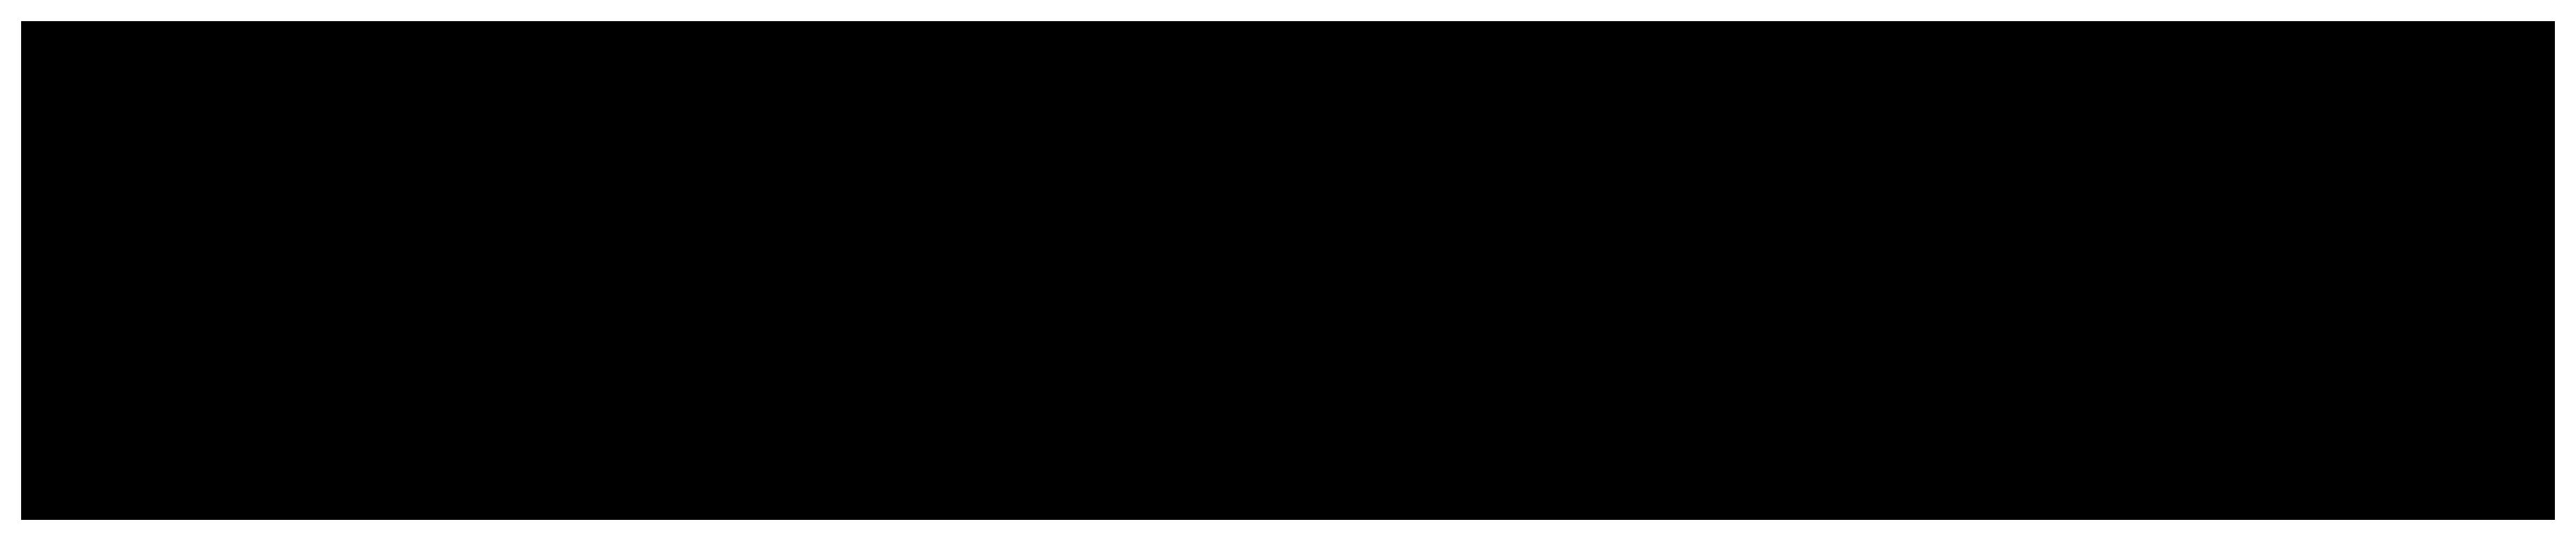 Enonic logo